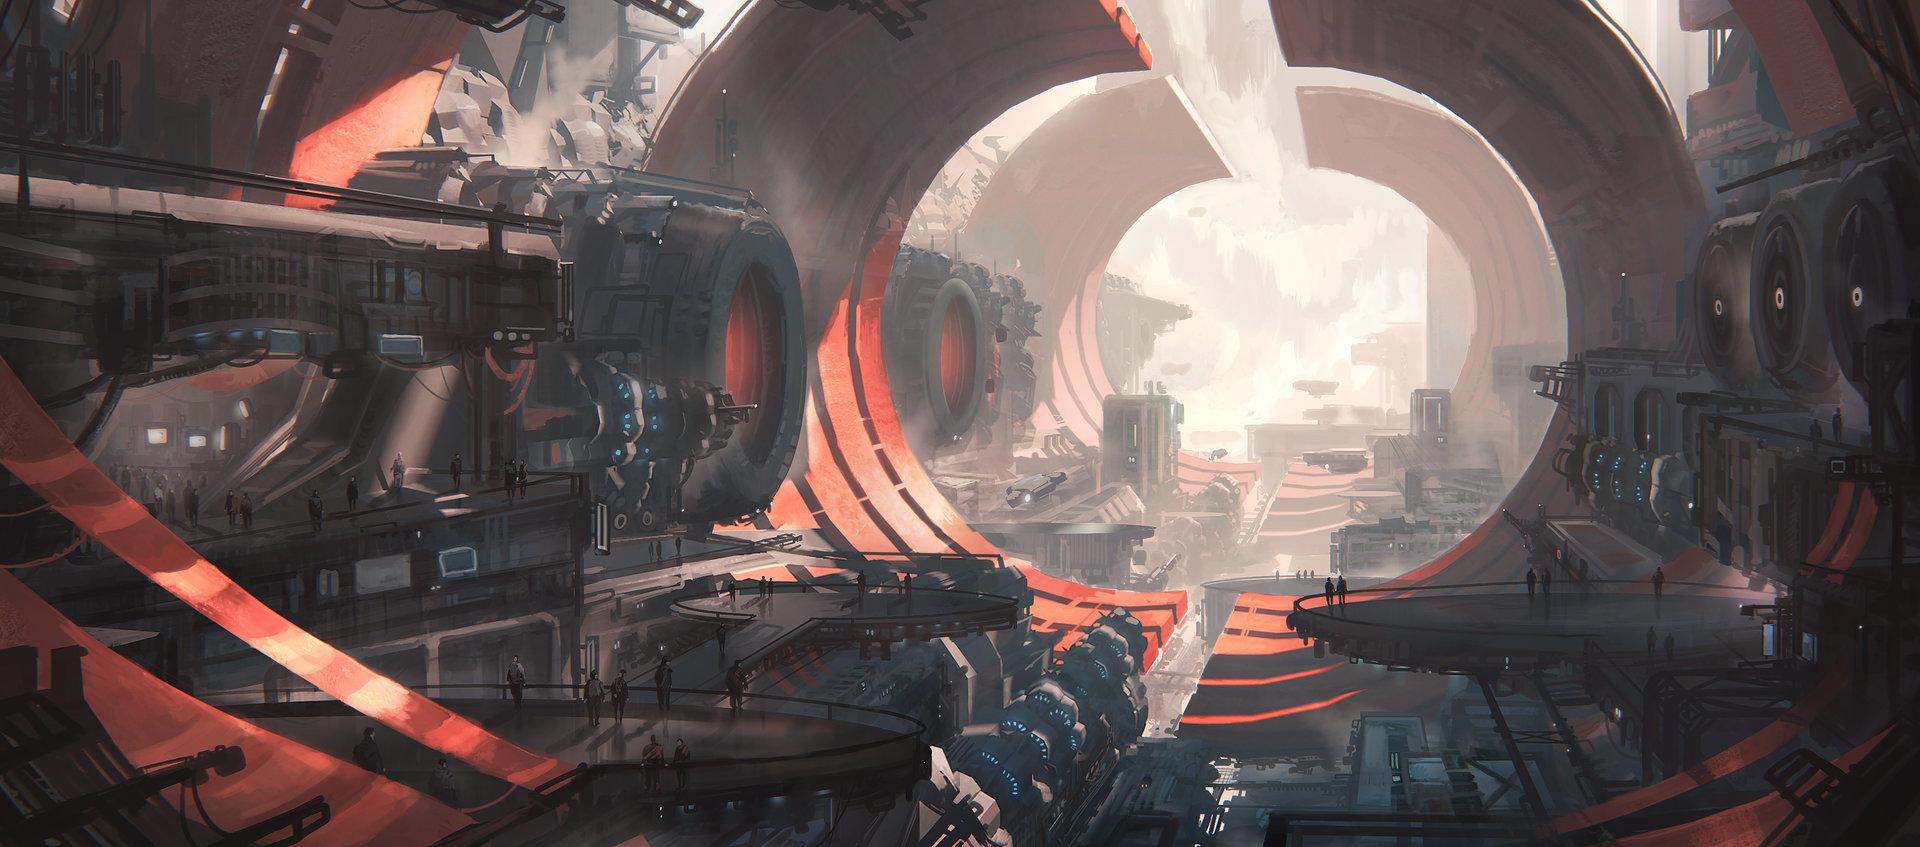 Leon tukker spacestationfinished